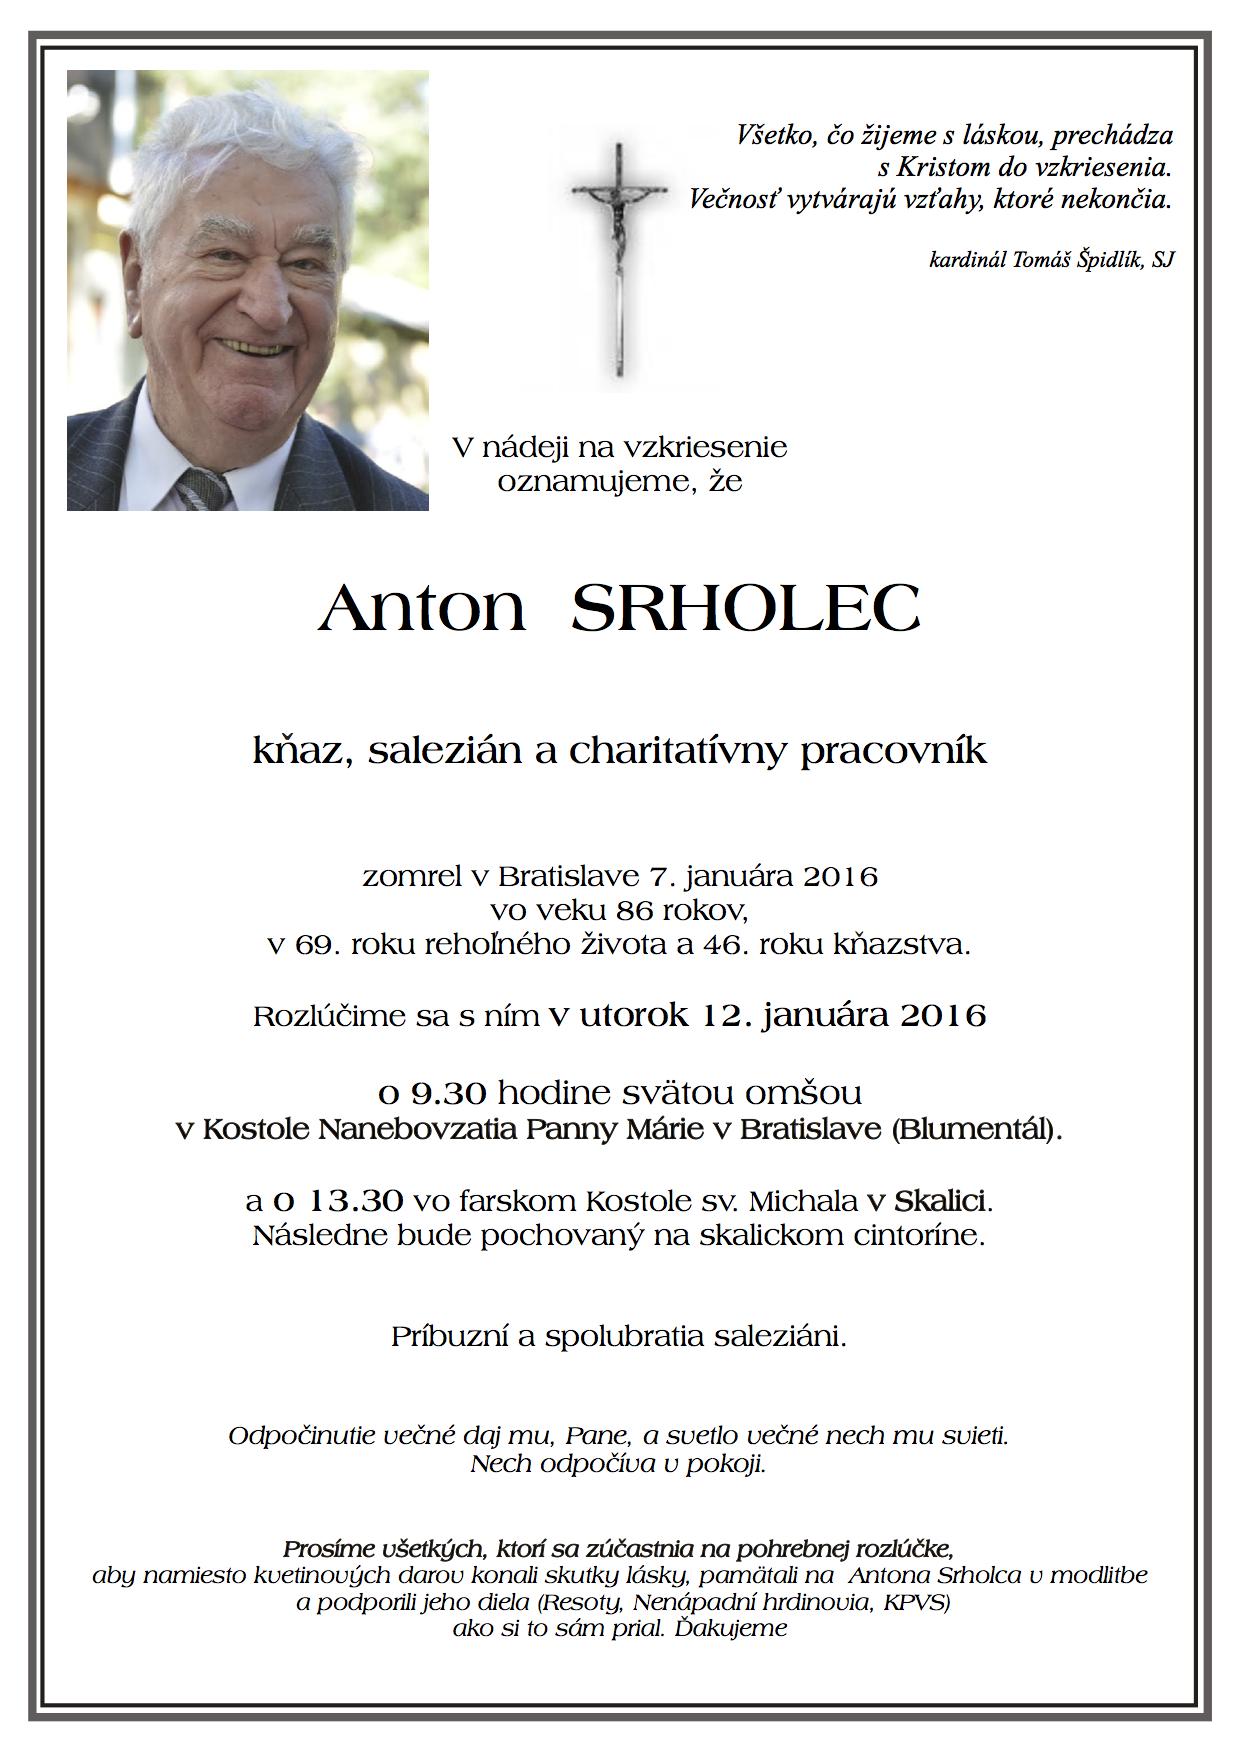 Posledná rozlúčka s Antonom Srholcom bude 12. januára 2016